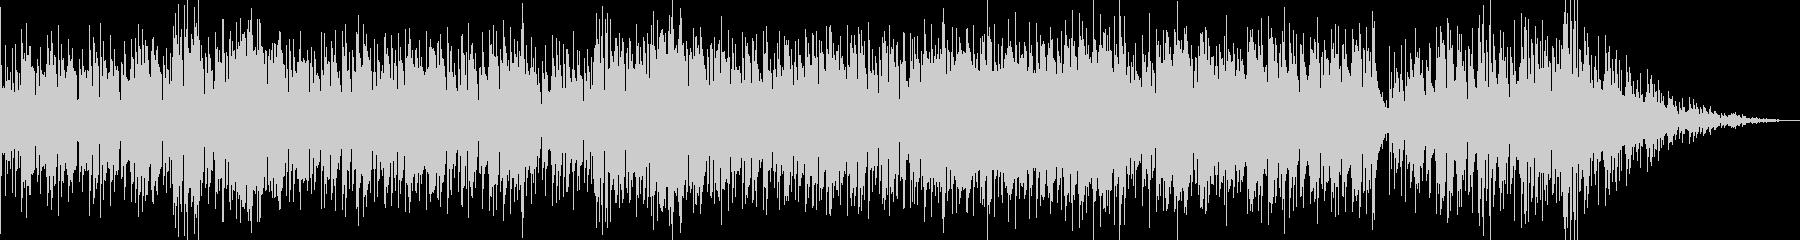 ジャズスタンダードアップテンポ フルートの未再生の波形